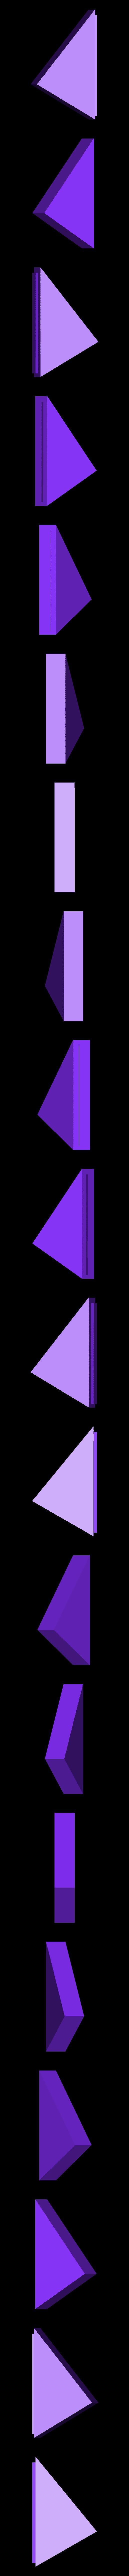 bookstand-b.stl Télécharger fichier STL gratuit Présentoir de livres • Modèle pour impression 3D, rubenzilzer